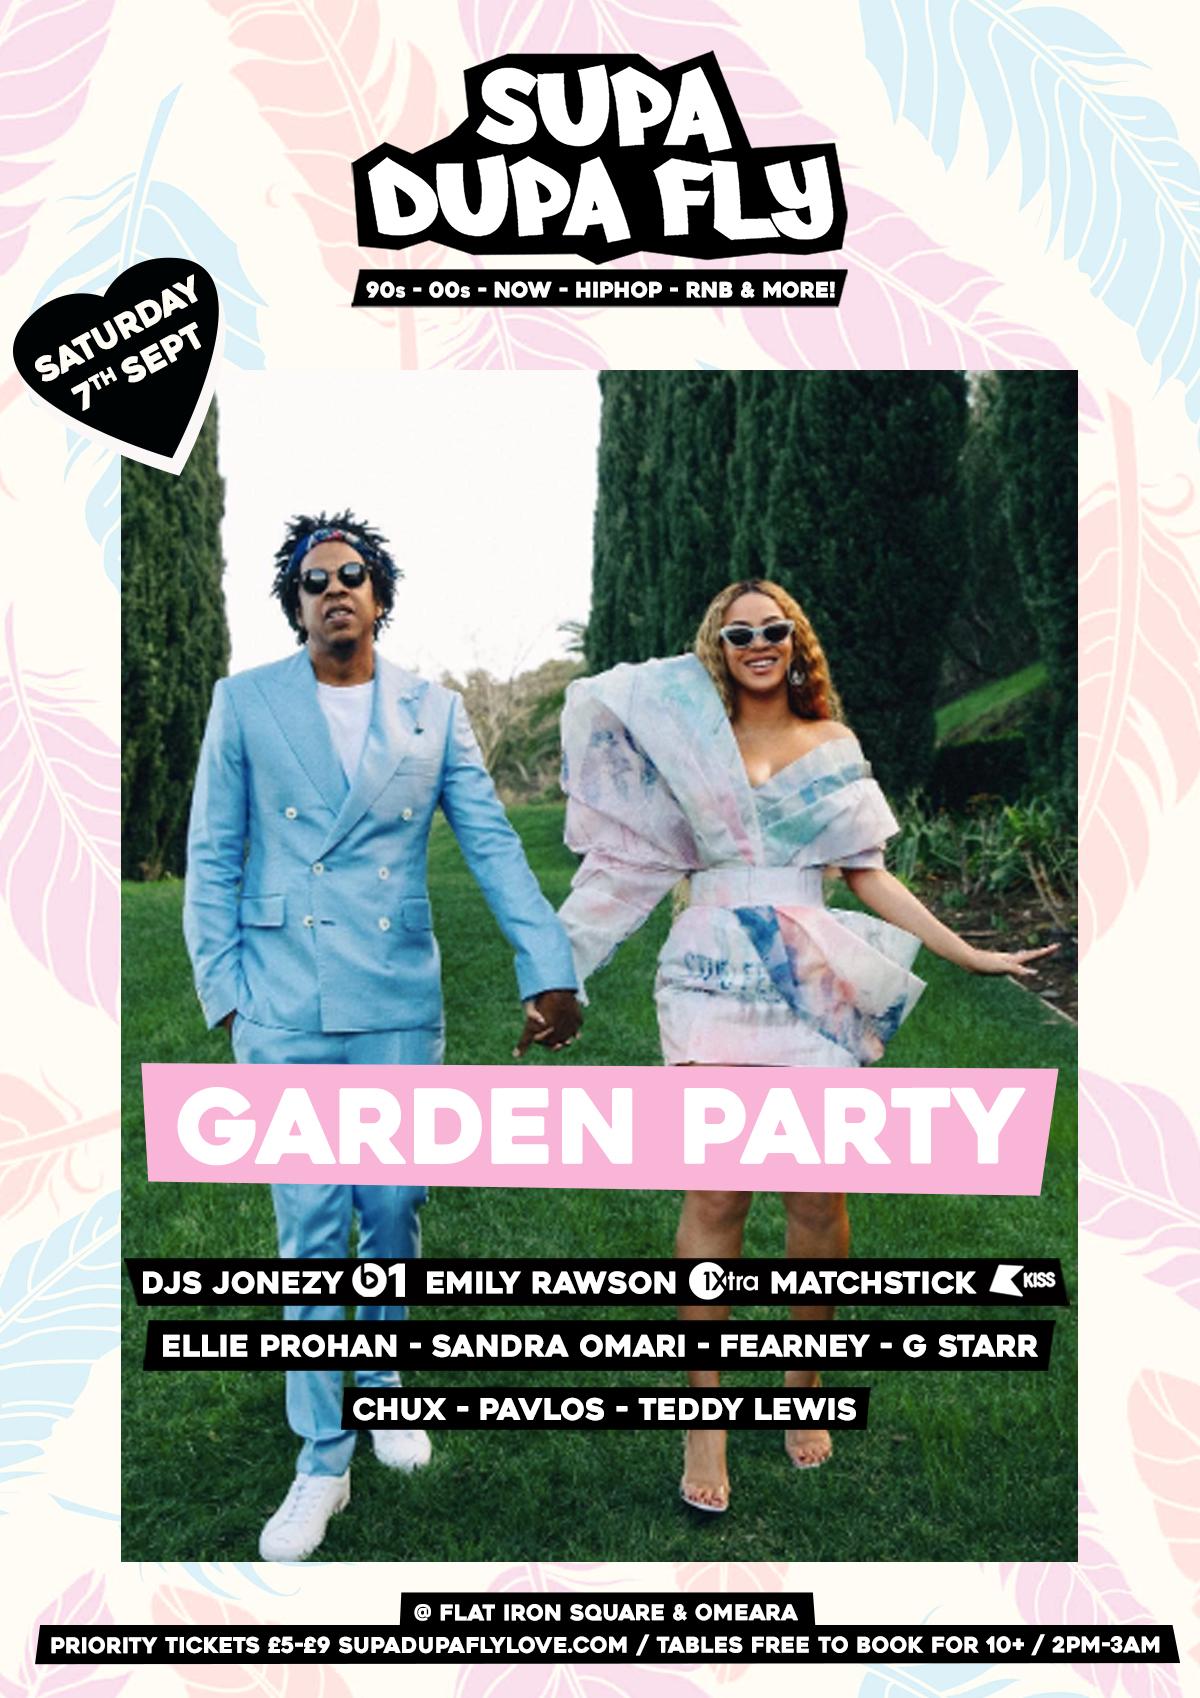 GardenPartySEPT.jpg